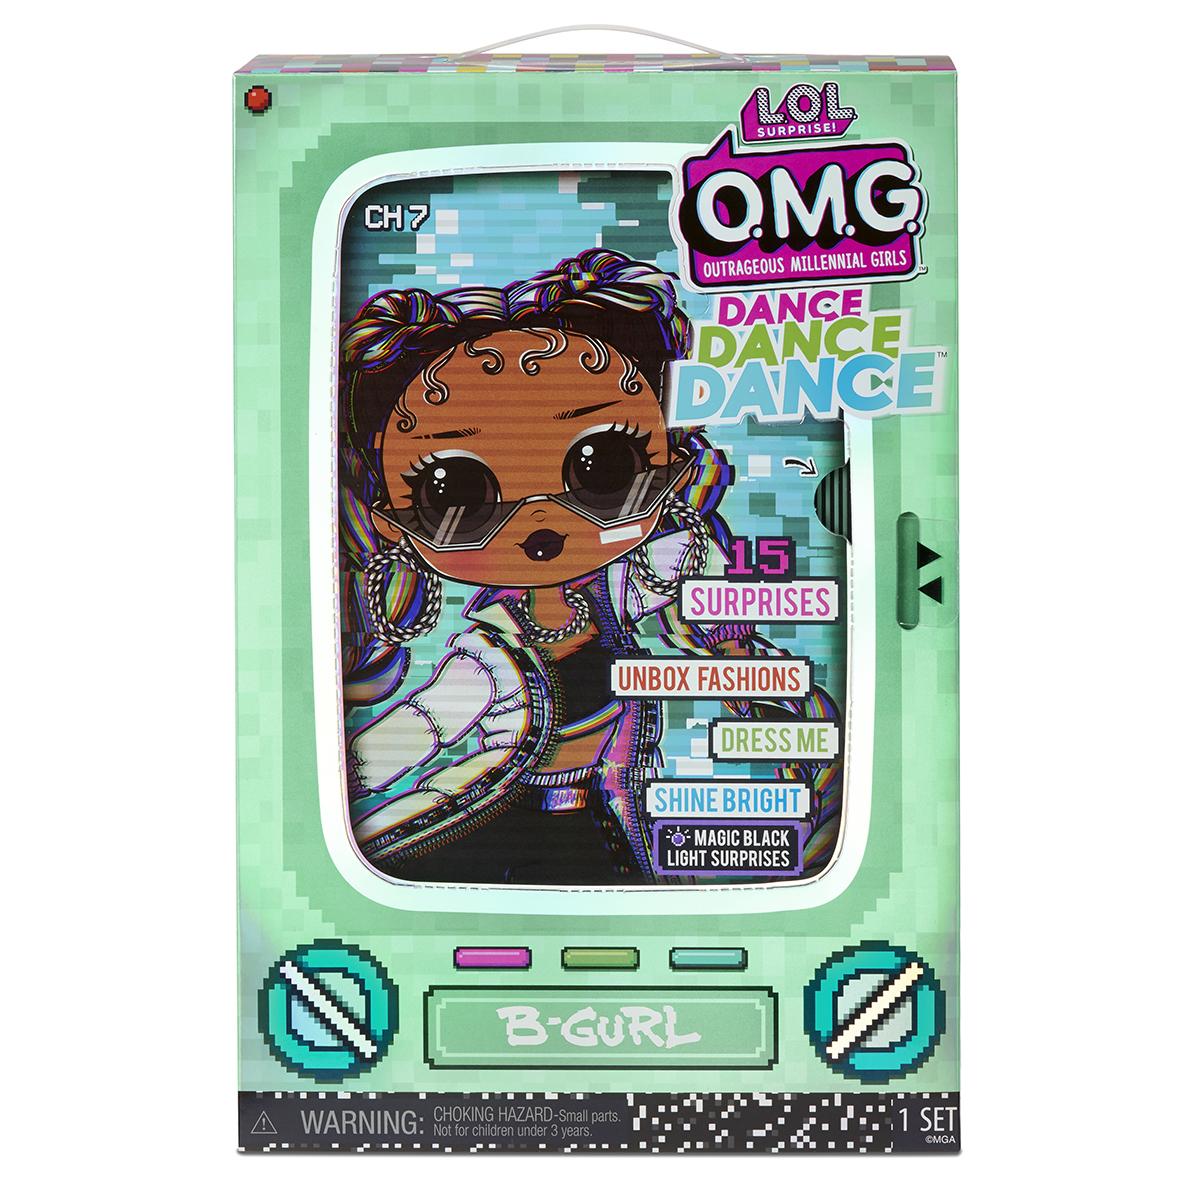 Papusa LOL OMG Surprise Dance, B-Gurl, 15 surprize, 117858EUC